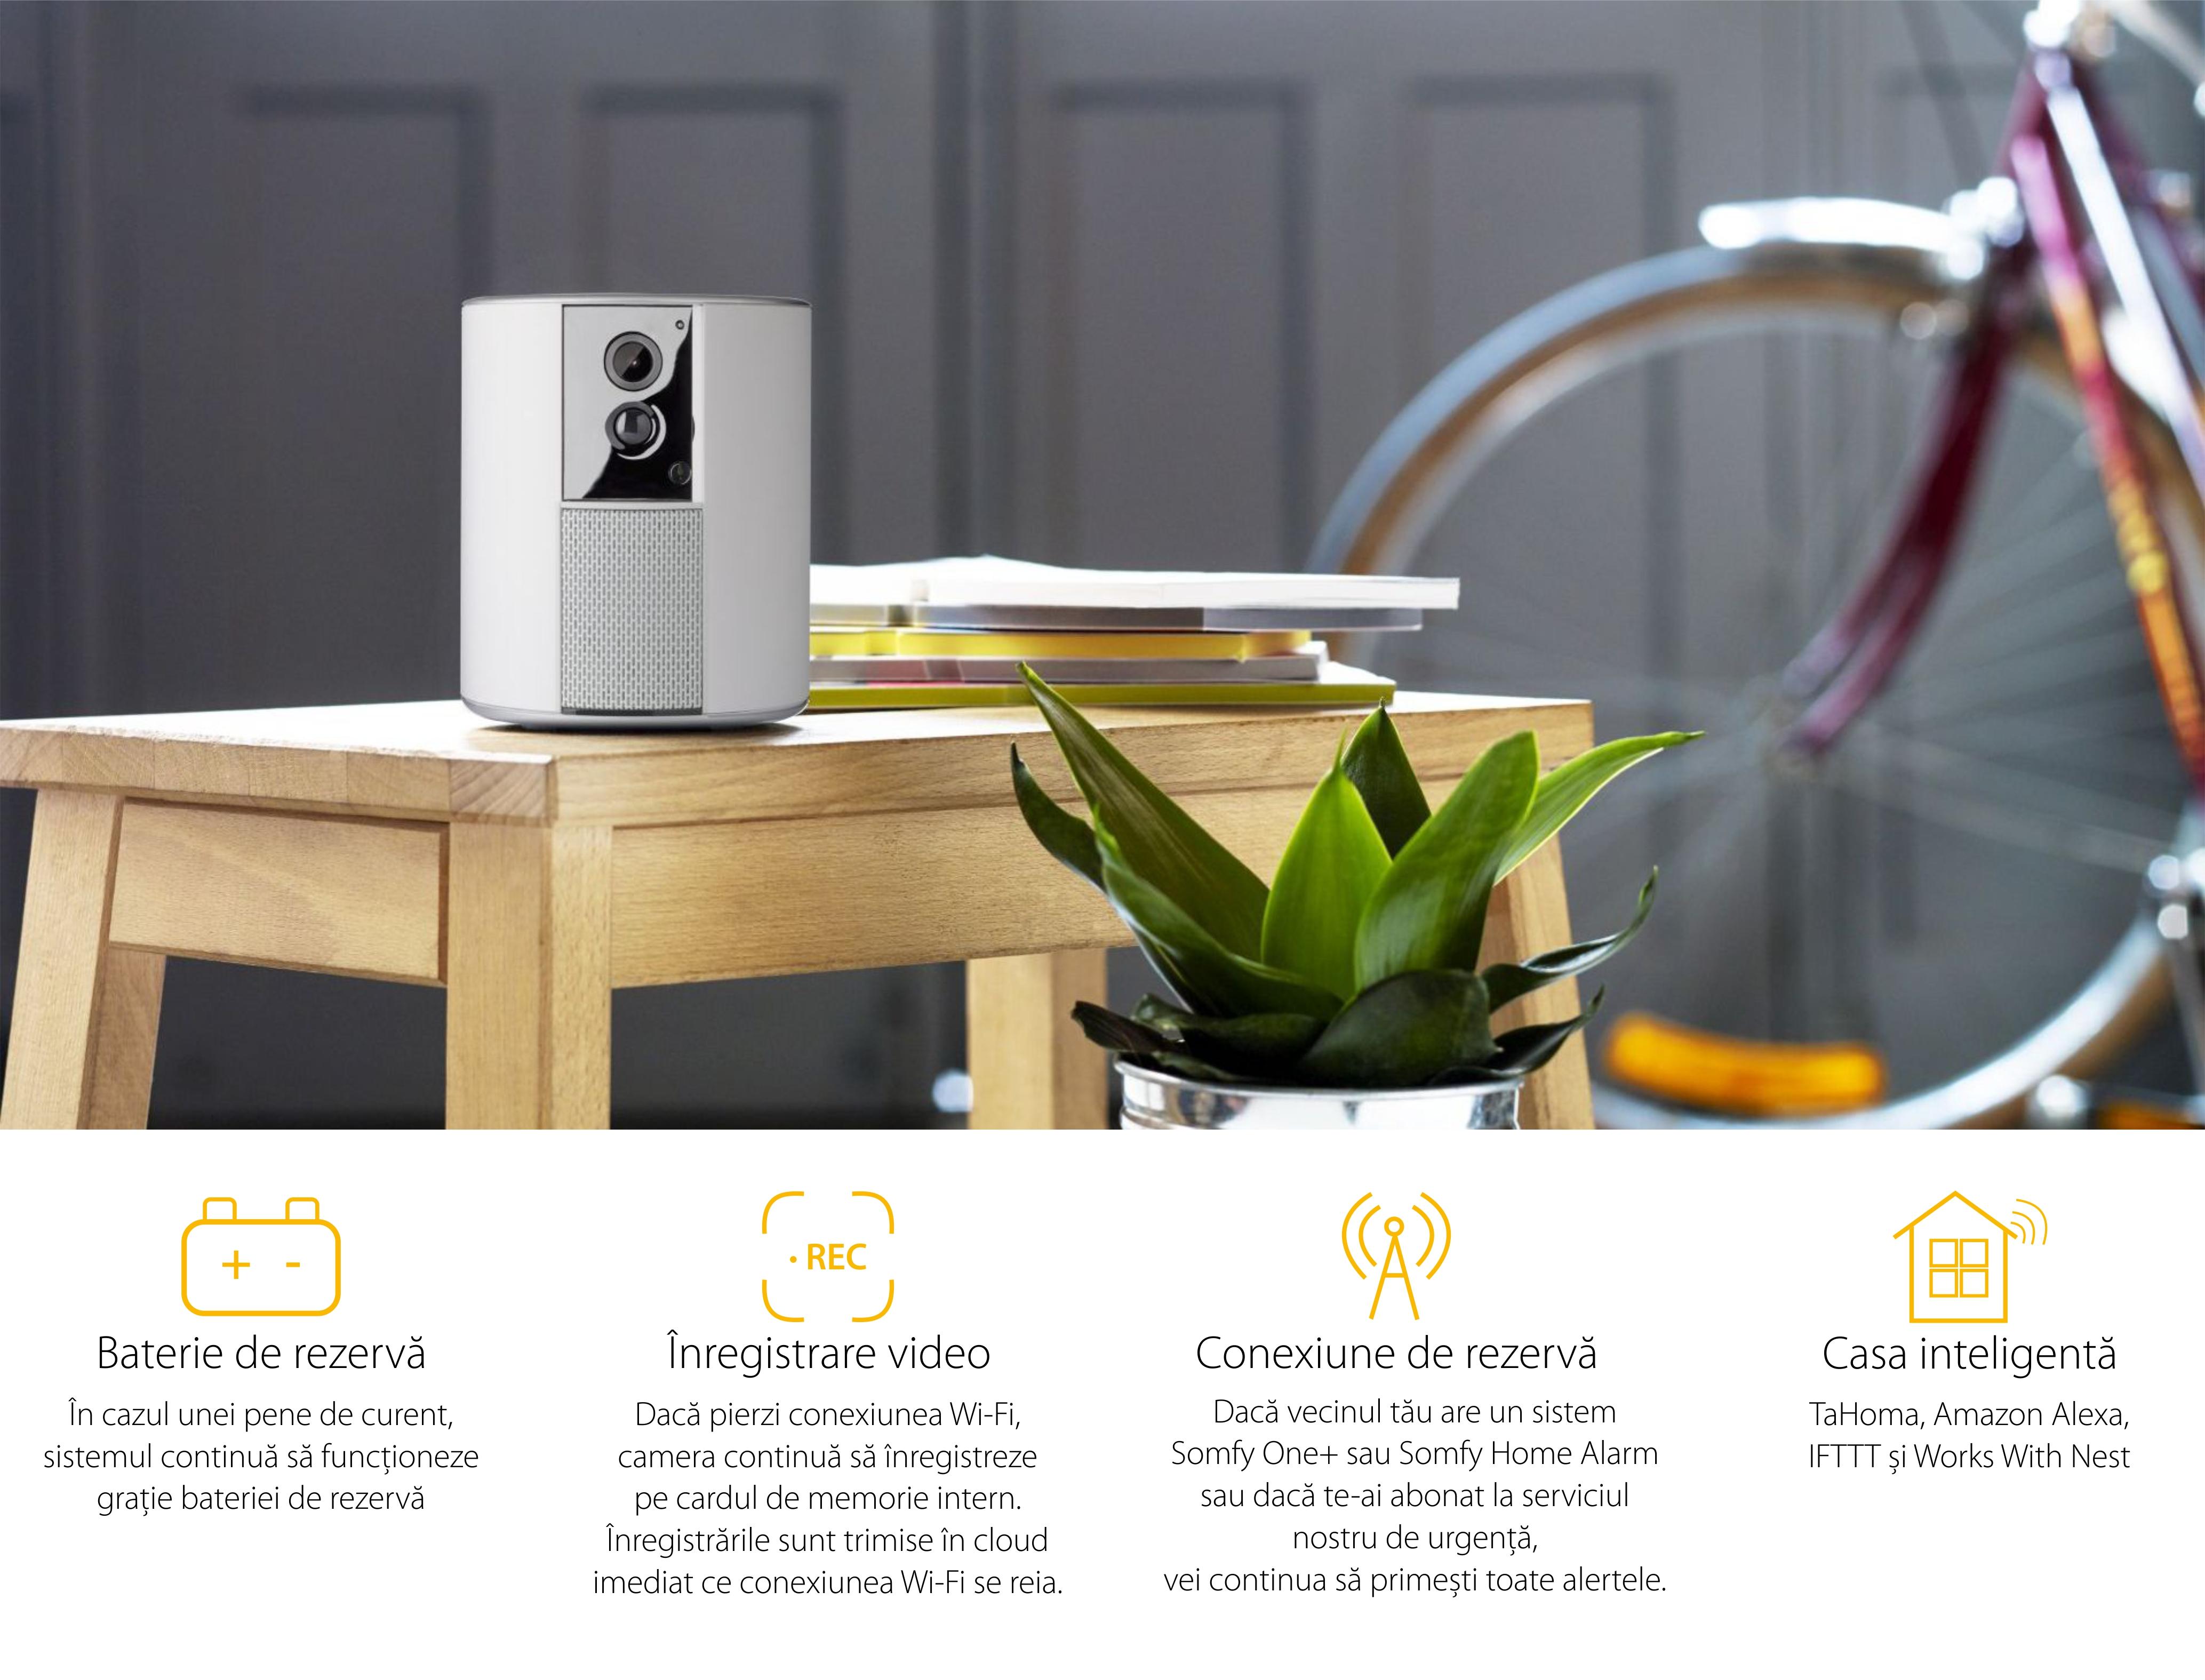 Camera de supraveghere Somfy One+, Full HD, Alarma si Sirena, WiFi, Bluetooth 4.0, Detector de miscare  ( Badge si IntelliTag incluse )